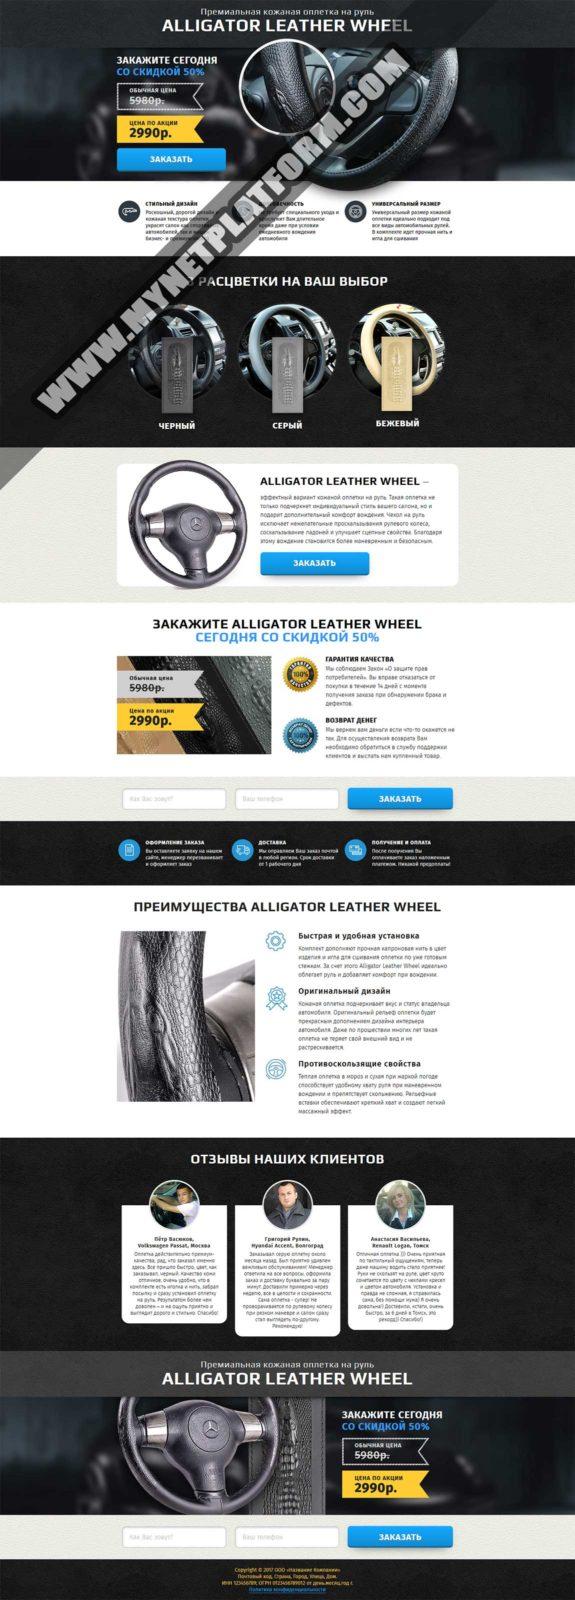 Скриншот готового лендинга Кожаная оплетка на руль Alligator Leather Wheel 001